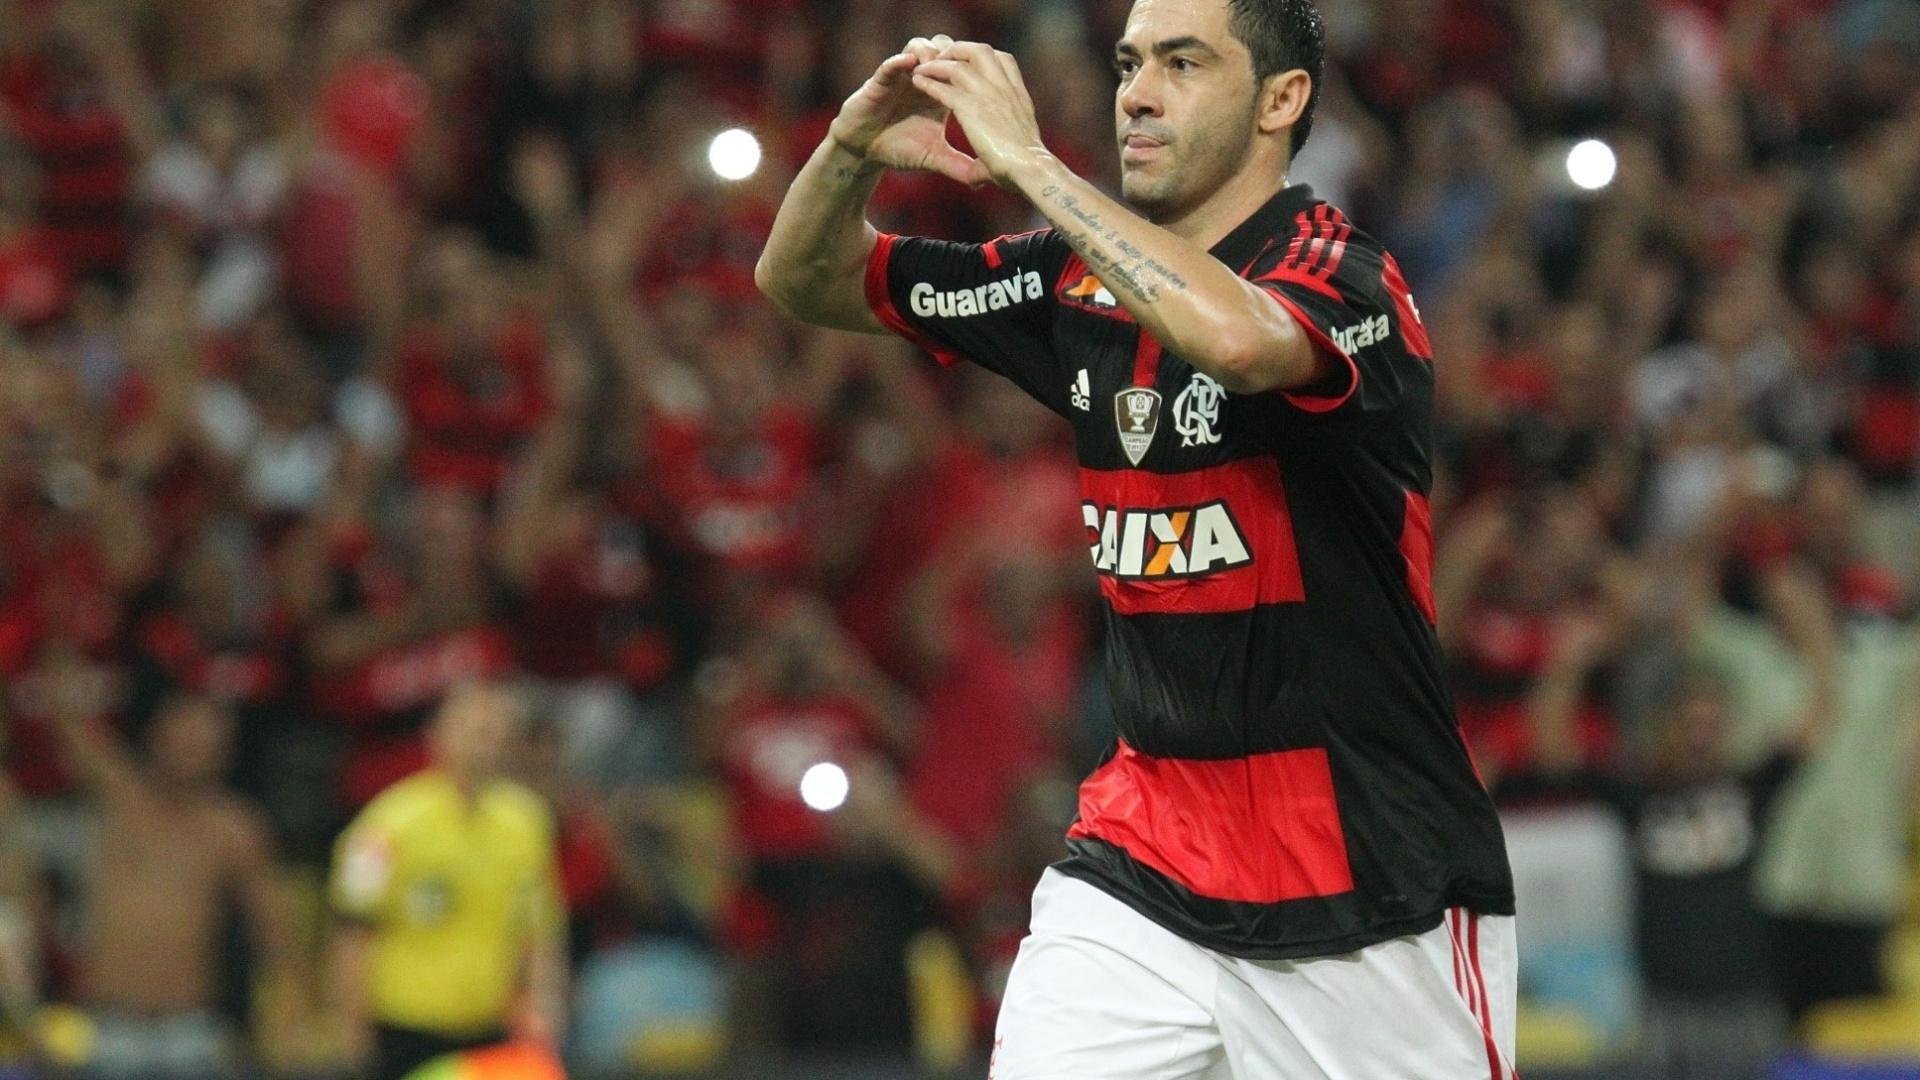 Chicão comemora gol de pênalti do Flamengo contra o Atlético-MG pela Copa do Brasil